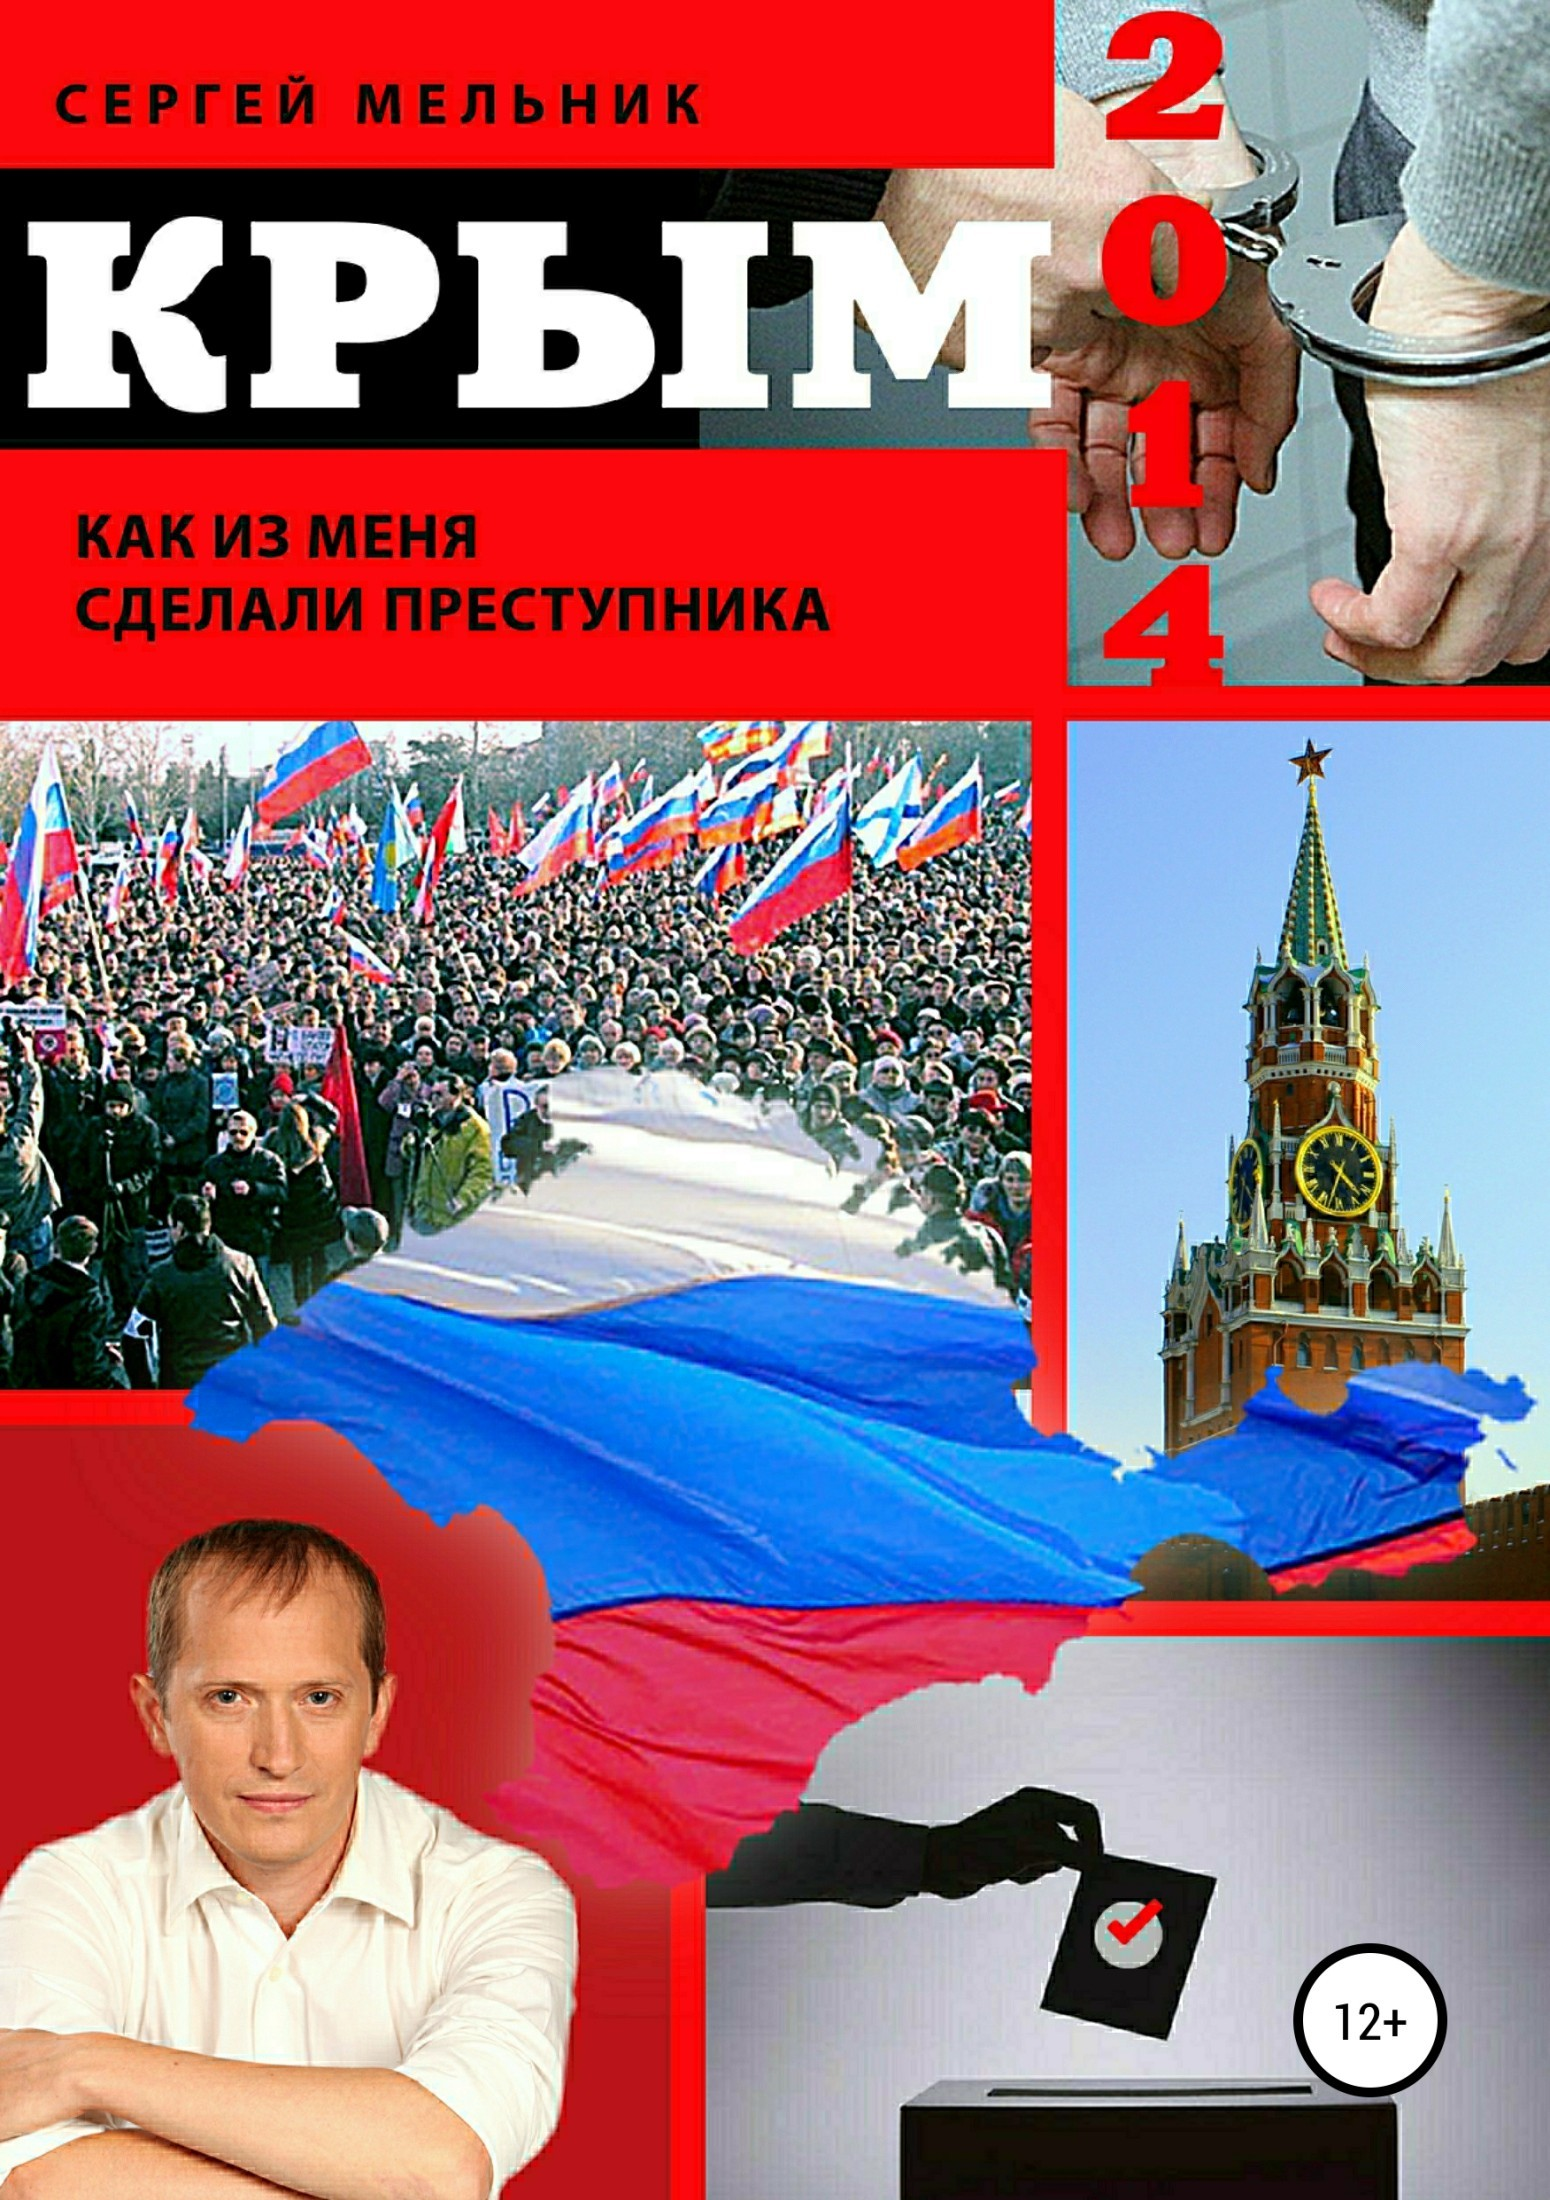 Обложка книги. Автор - Сергей Мельник